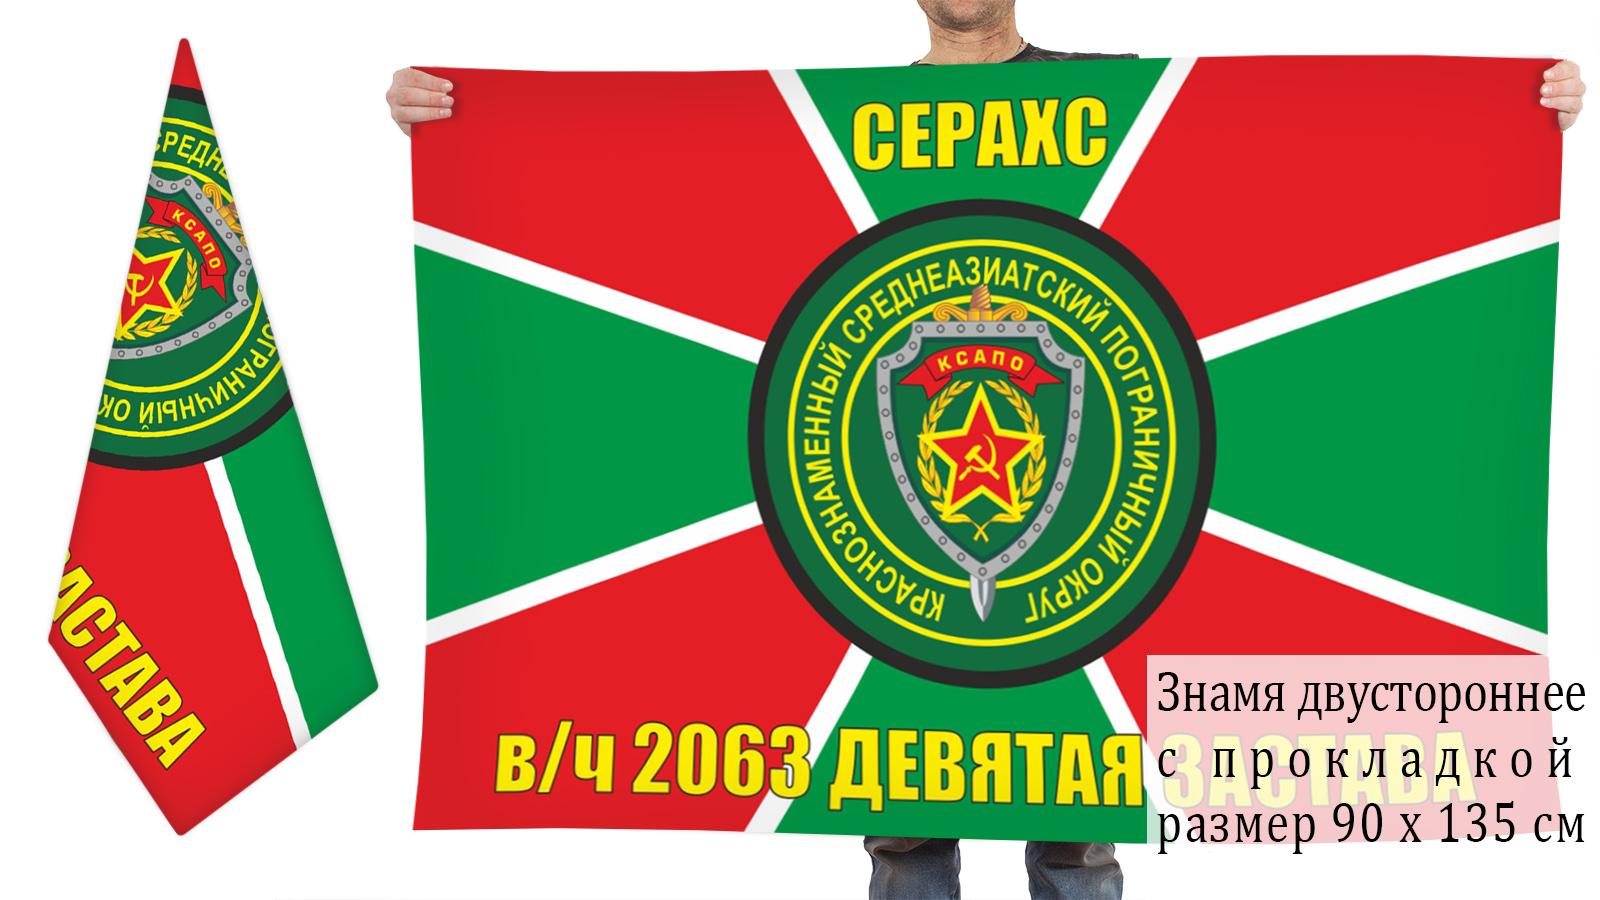 Заказать флаг Девятая застава КСАПО Серахс 2063